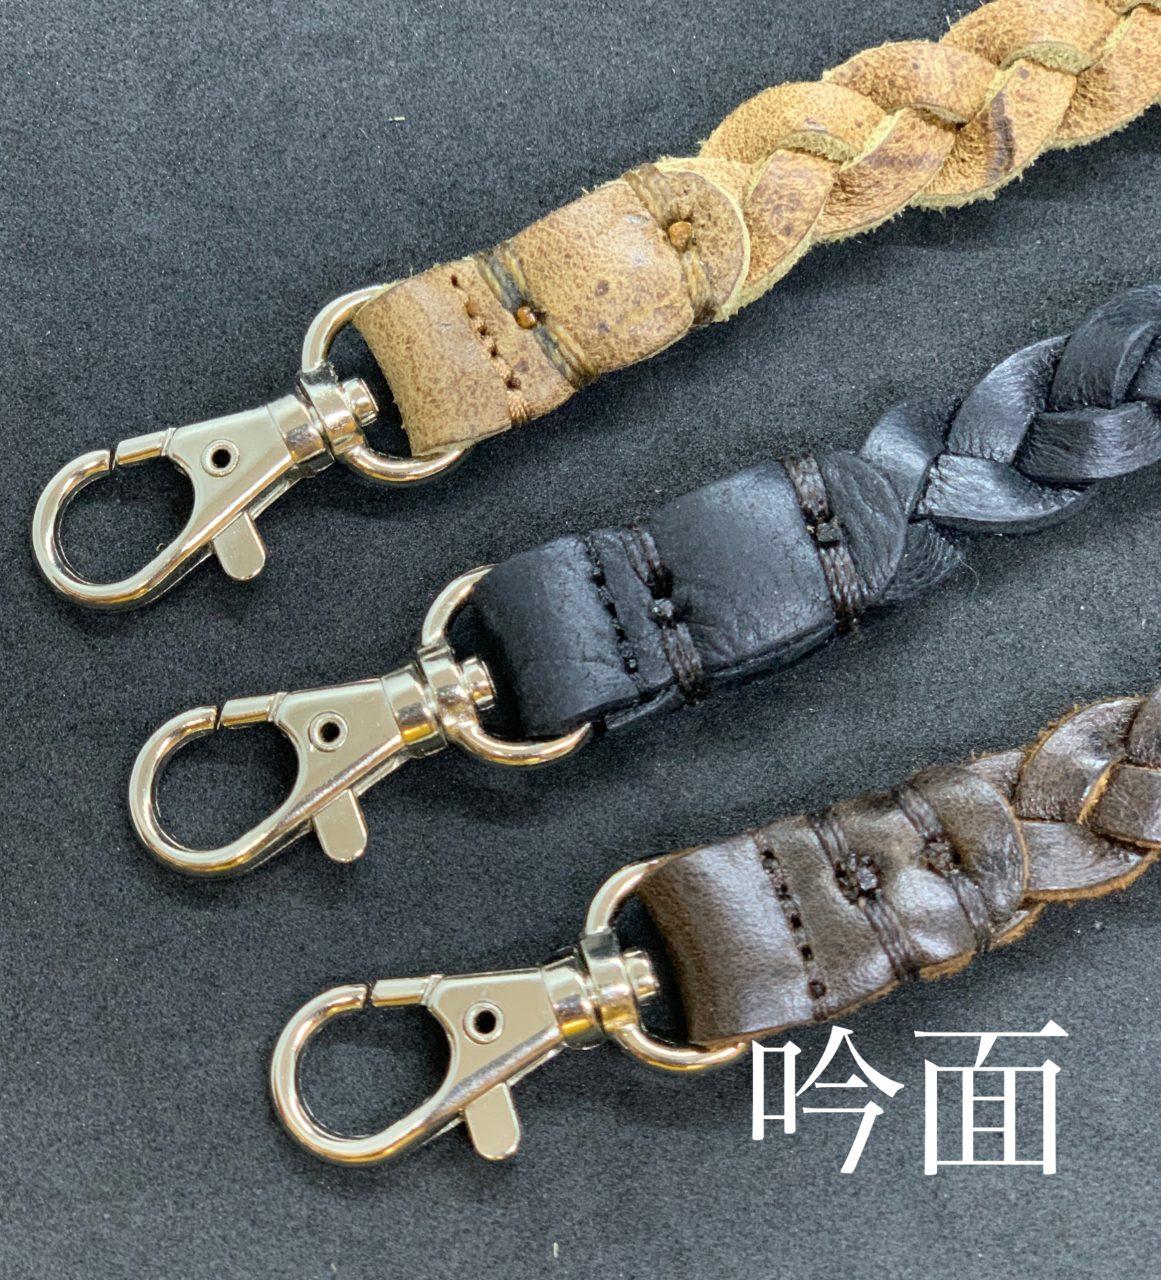 レザー キーホルダー キーリング 本革 kudu クードゥー  手編み メッシュ キーチェーン 希少 英国製レザー 自社生産 日本製